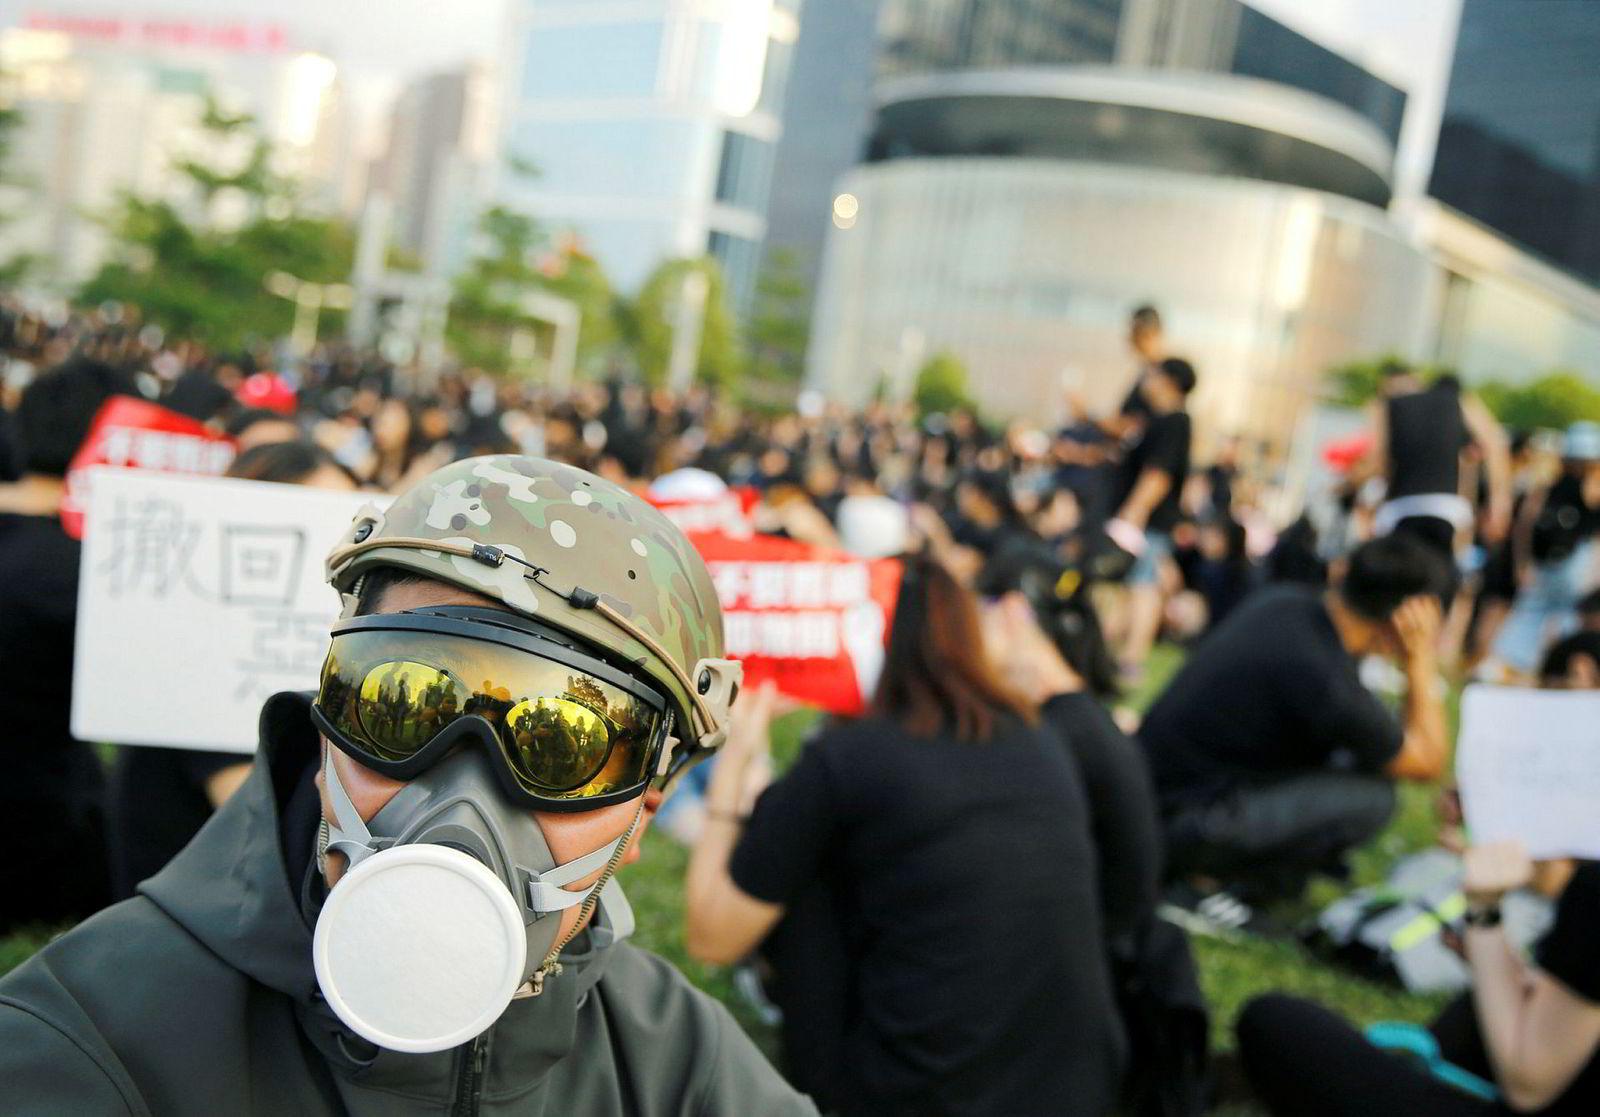 En demonstrant utenfor byens lovgivende forsamling, Legislative Council, var ikledd gassmaske. Bekledningen var antagelig på for å minne omverdenen på at politiet brukte pepperspray og tåregass mot demonstrantene sist onsdag.